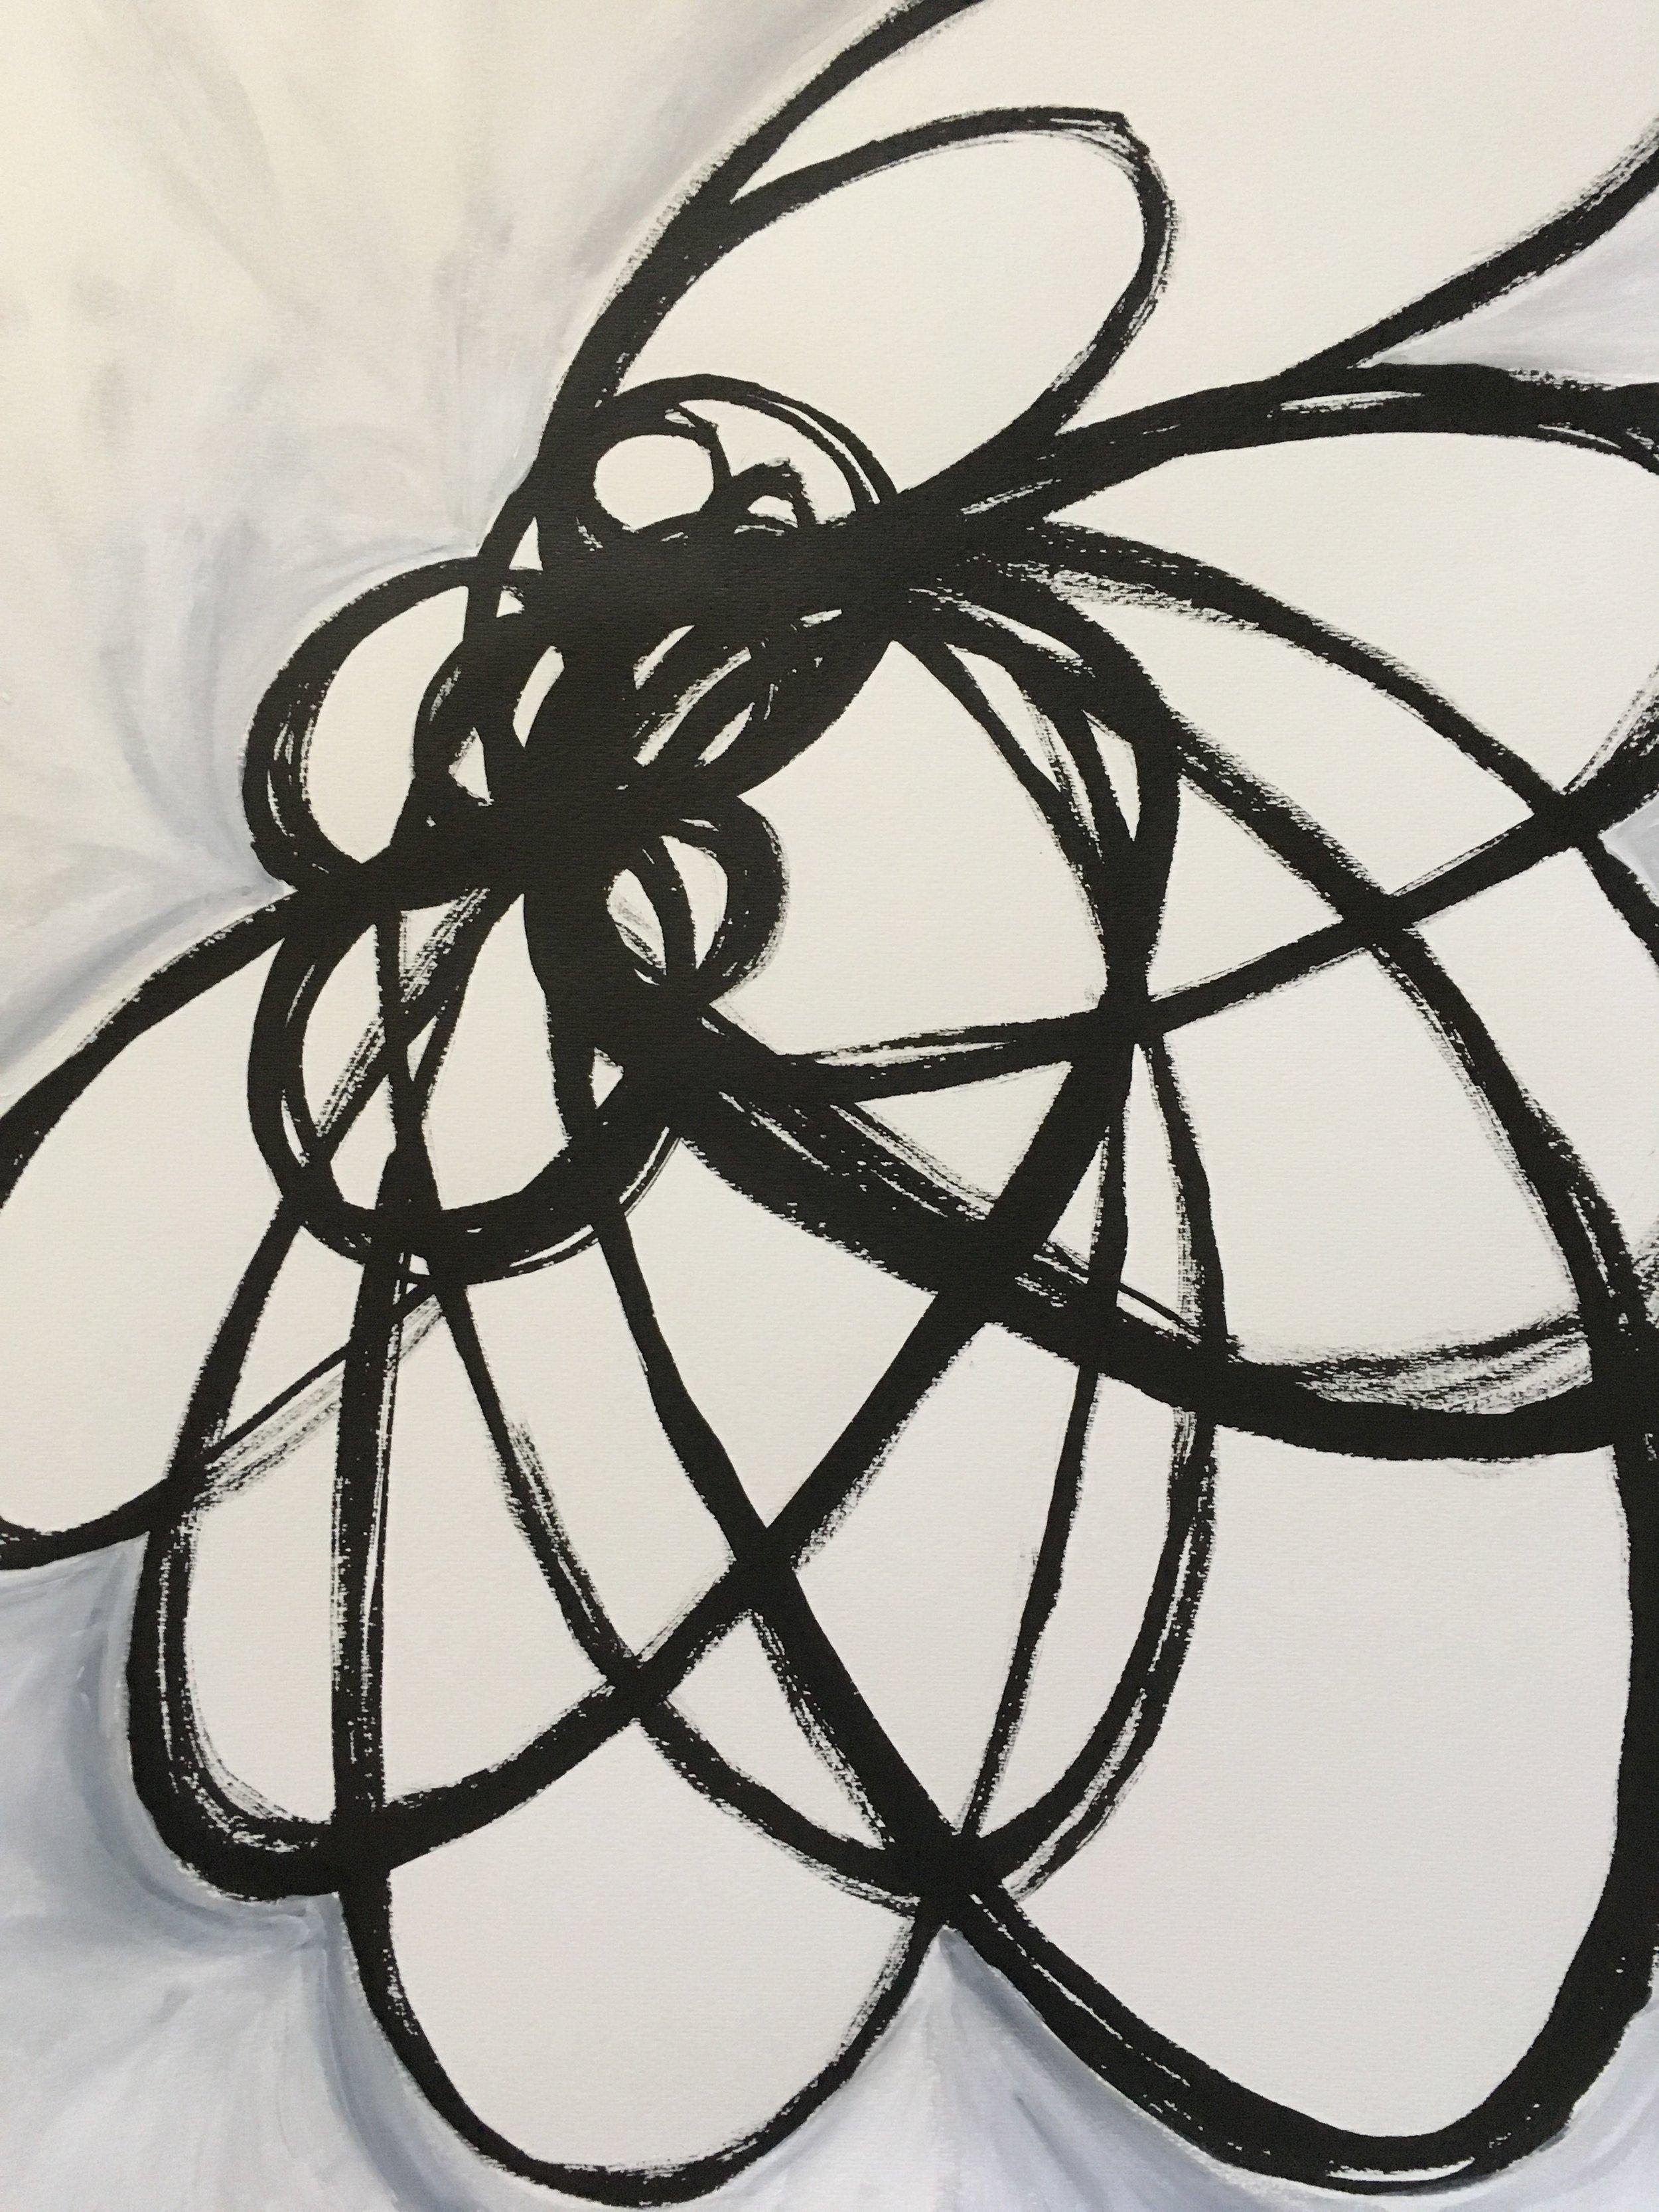 Calligraphy Series III, 2018